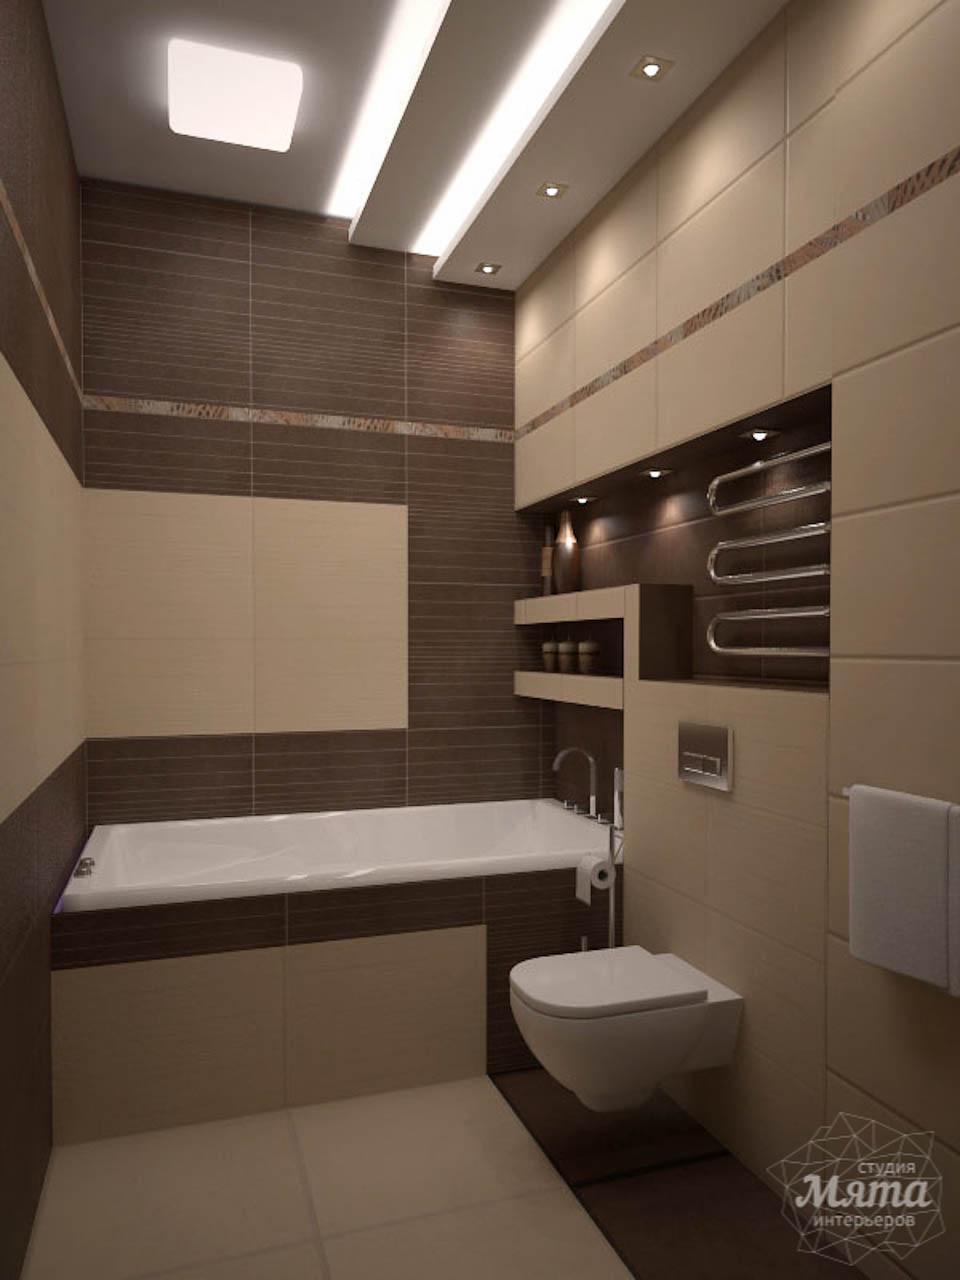 Дизайн интерьера трехкомнатной квартиры по ул. Папанина 18 img1316754229